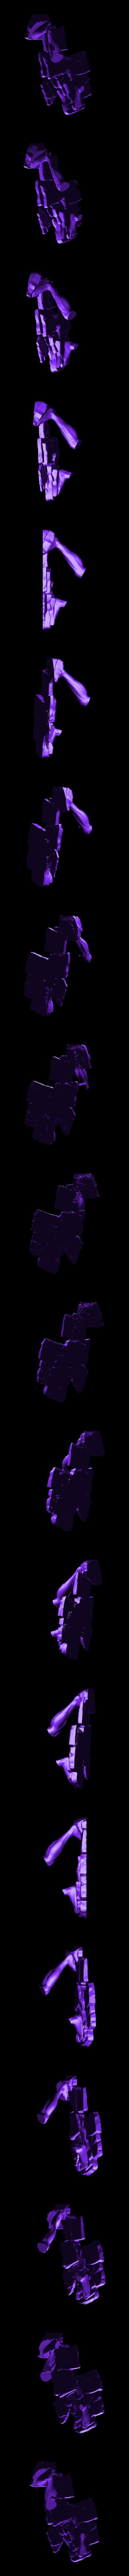 AoT_Final_base.stl Download free STL file Eren - Attack on Titan • 3D print model, mag-net